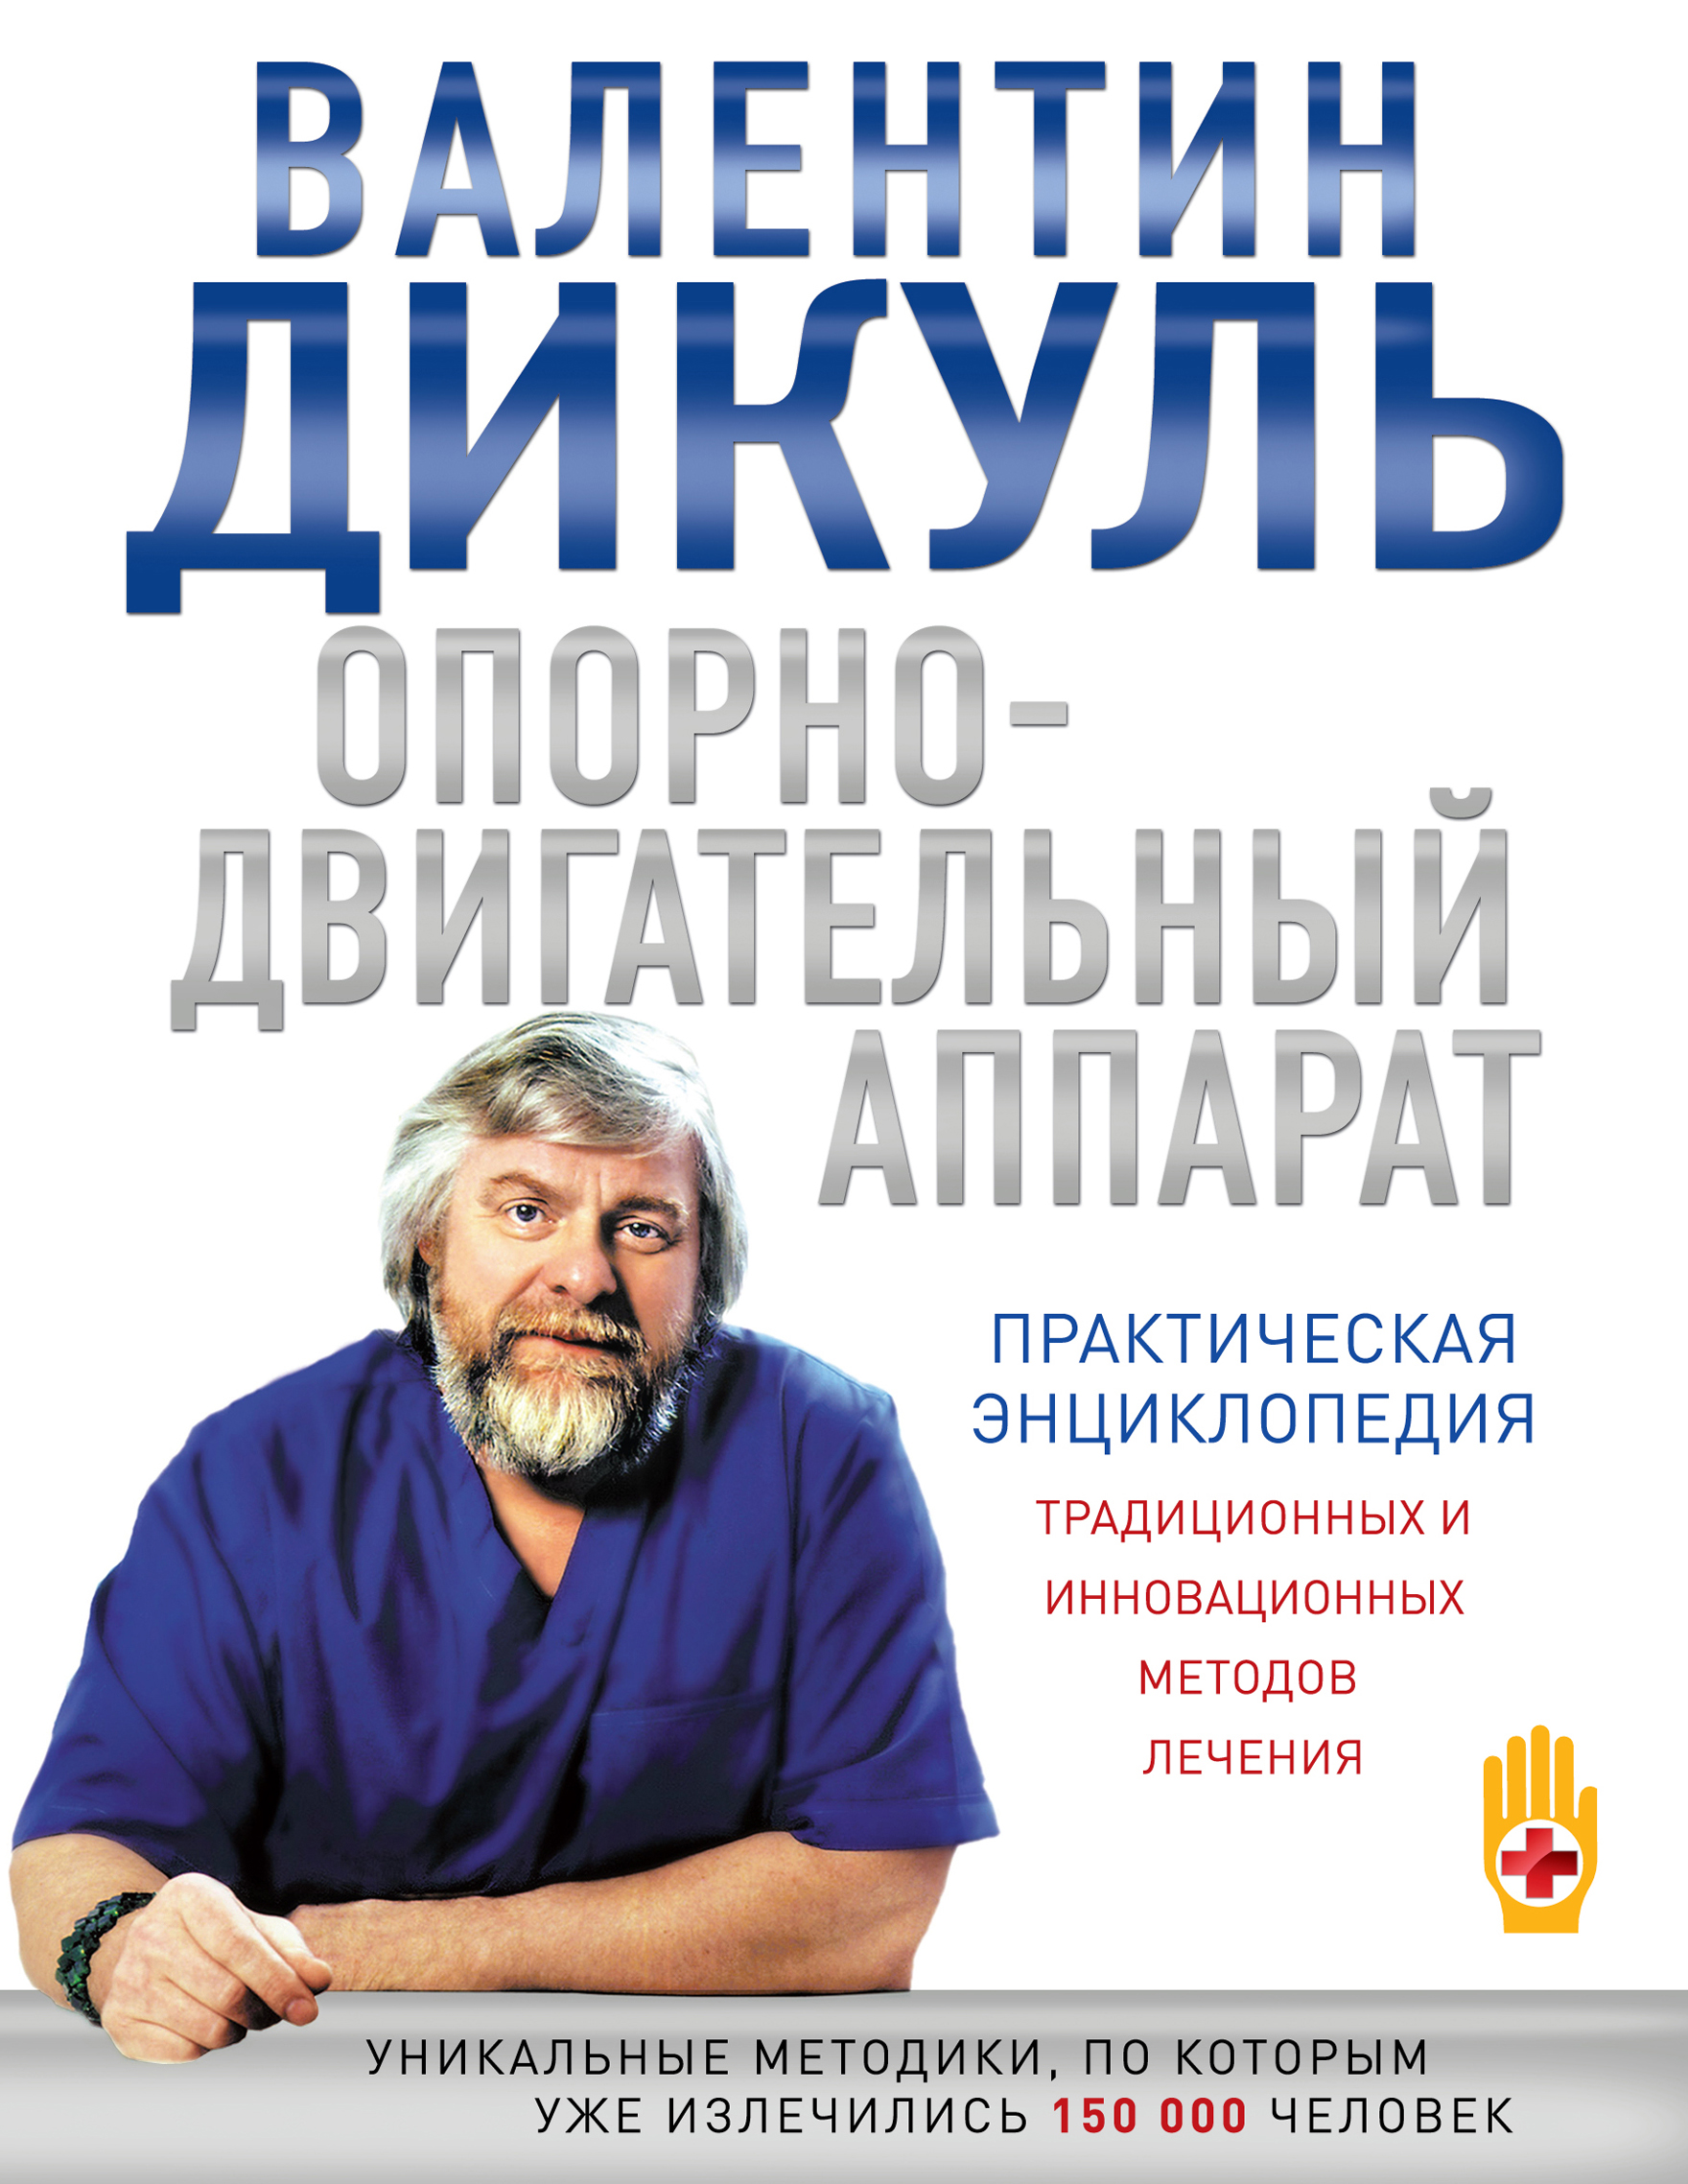 Опорно-двигательный аппарат: практическая энциклопедия традиционных и инновационных методов лечения